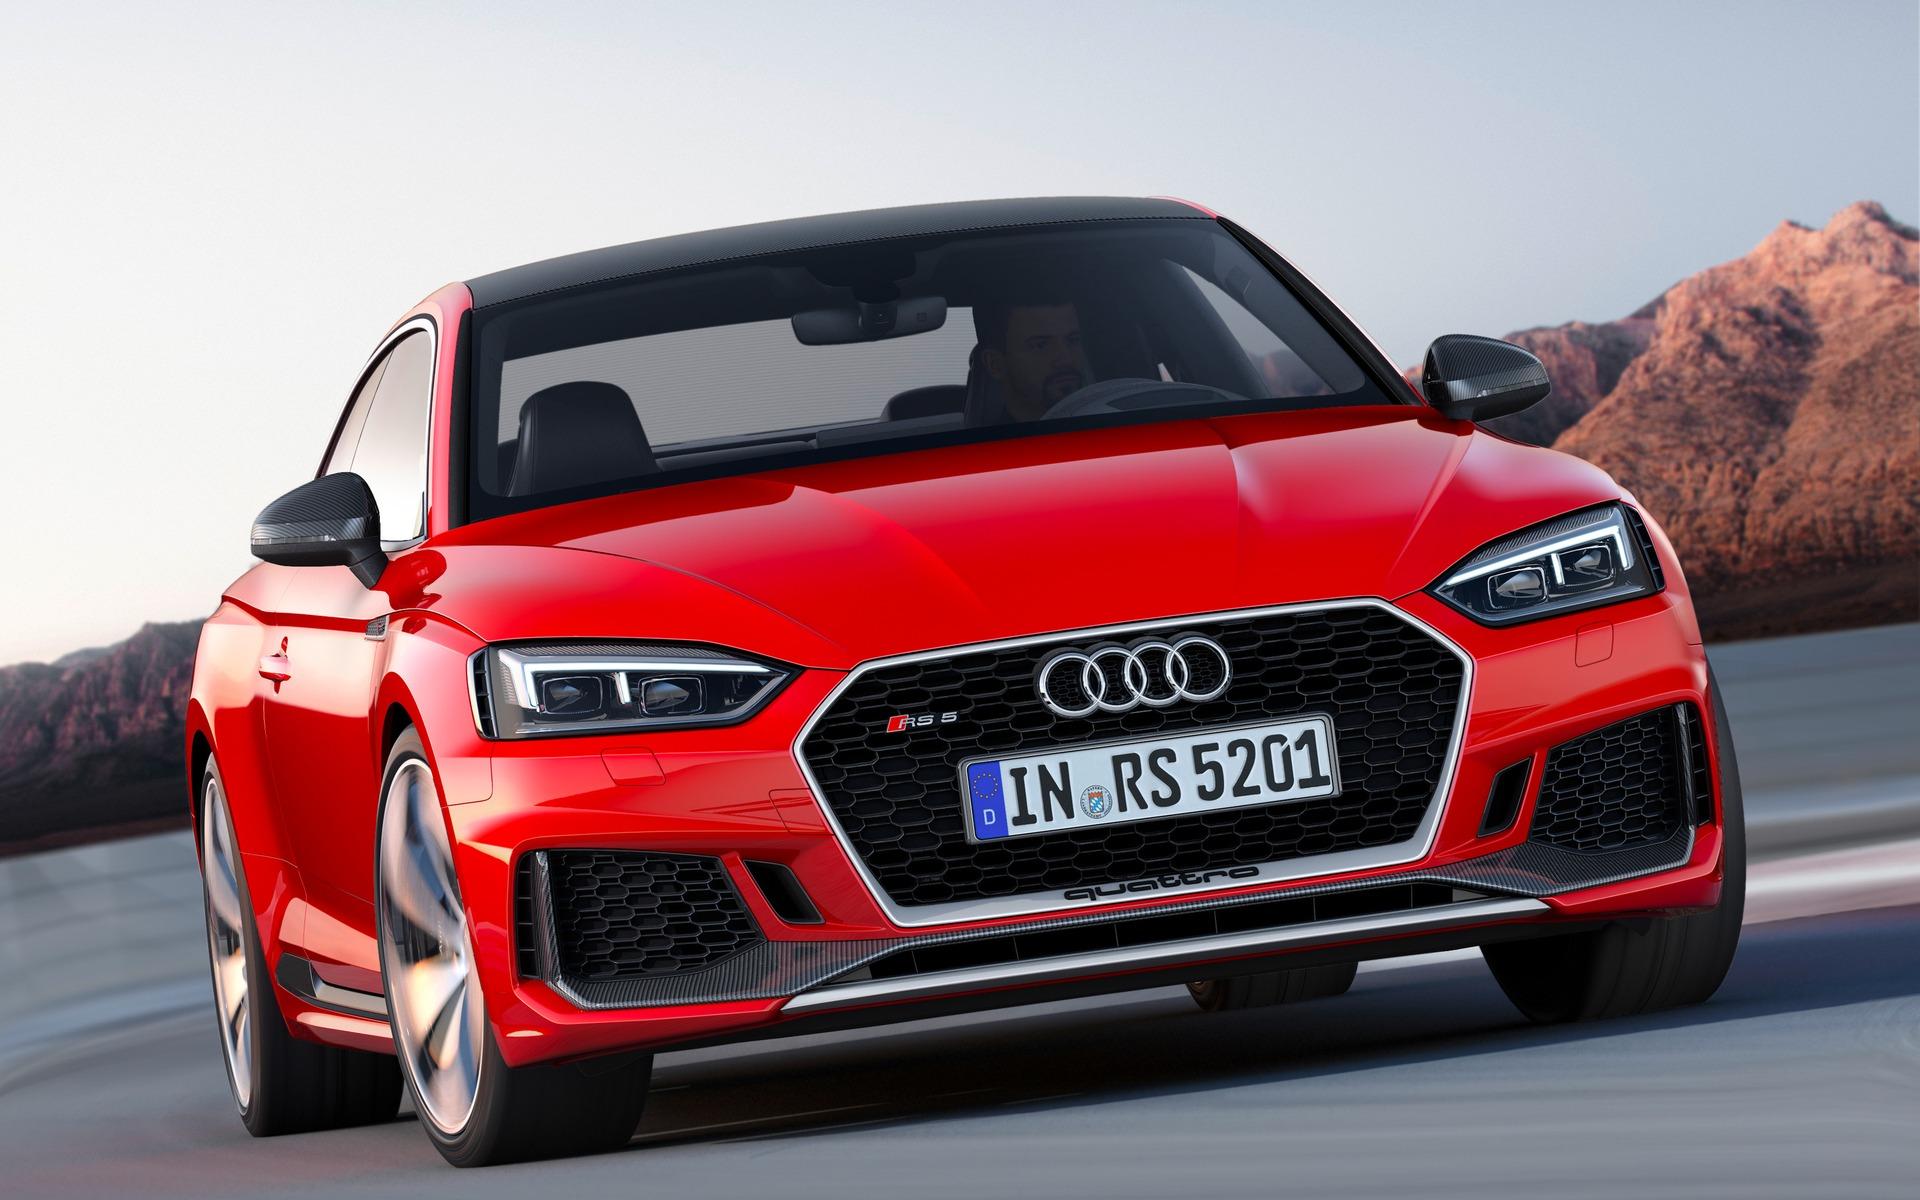 Audi RS 52018 - À l'essai cette semaine à Toulouse en France.